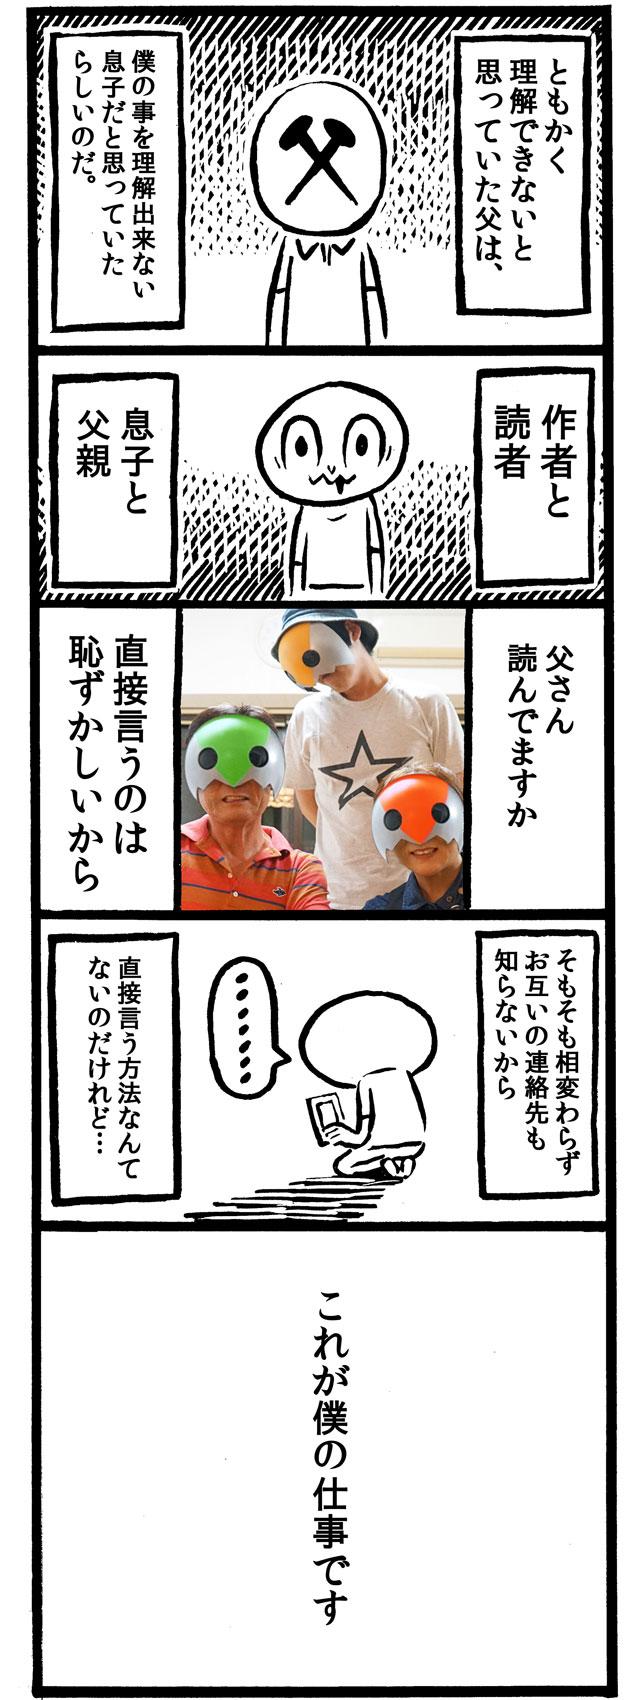 f:id:kakijiro:20151109160815j:plain